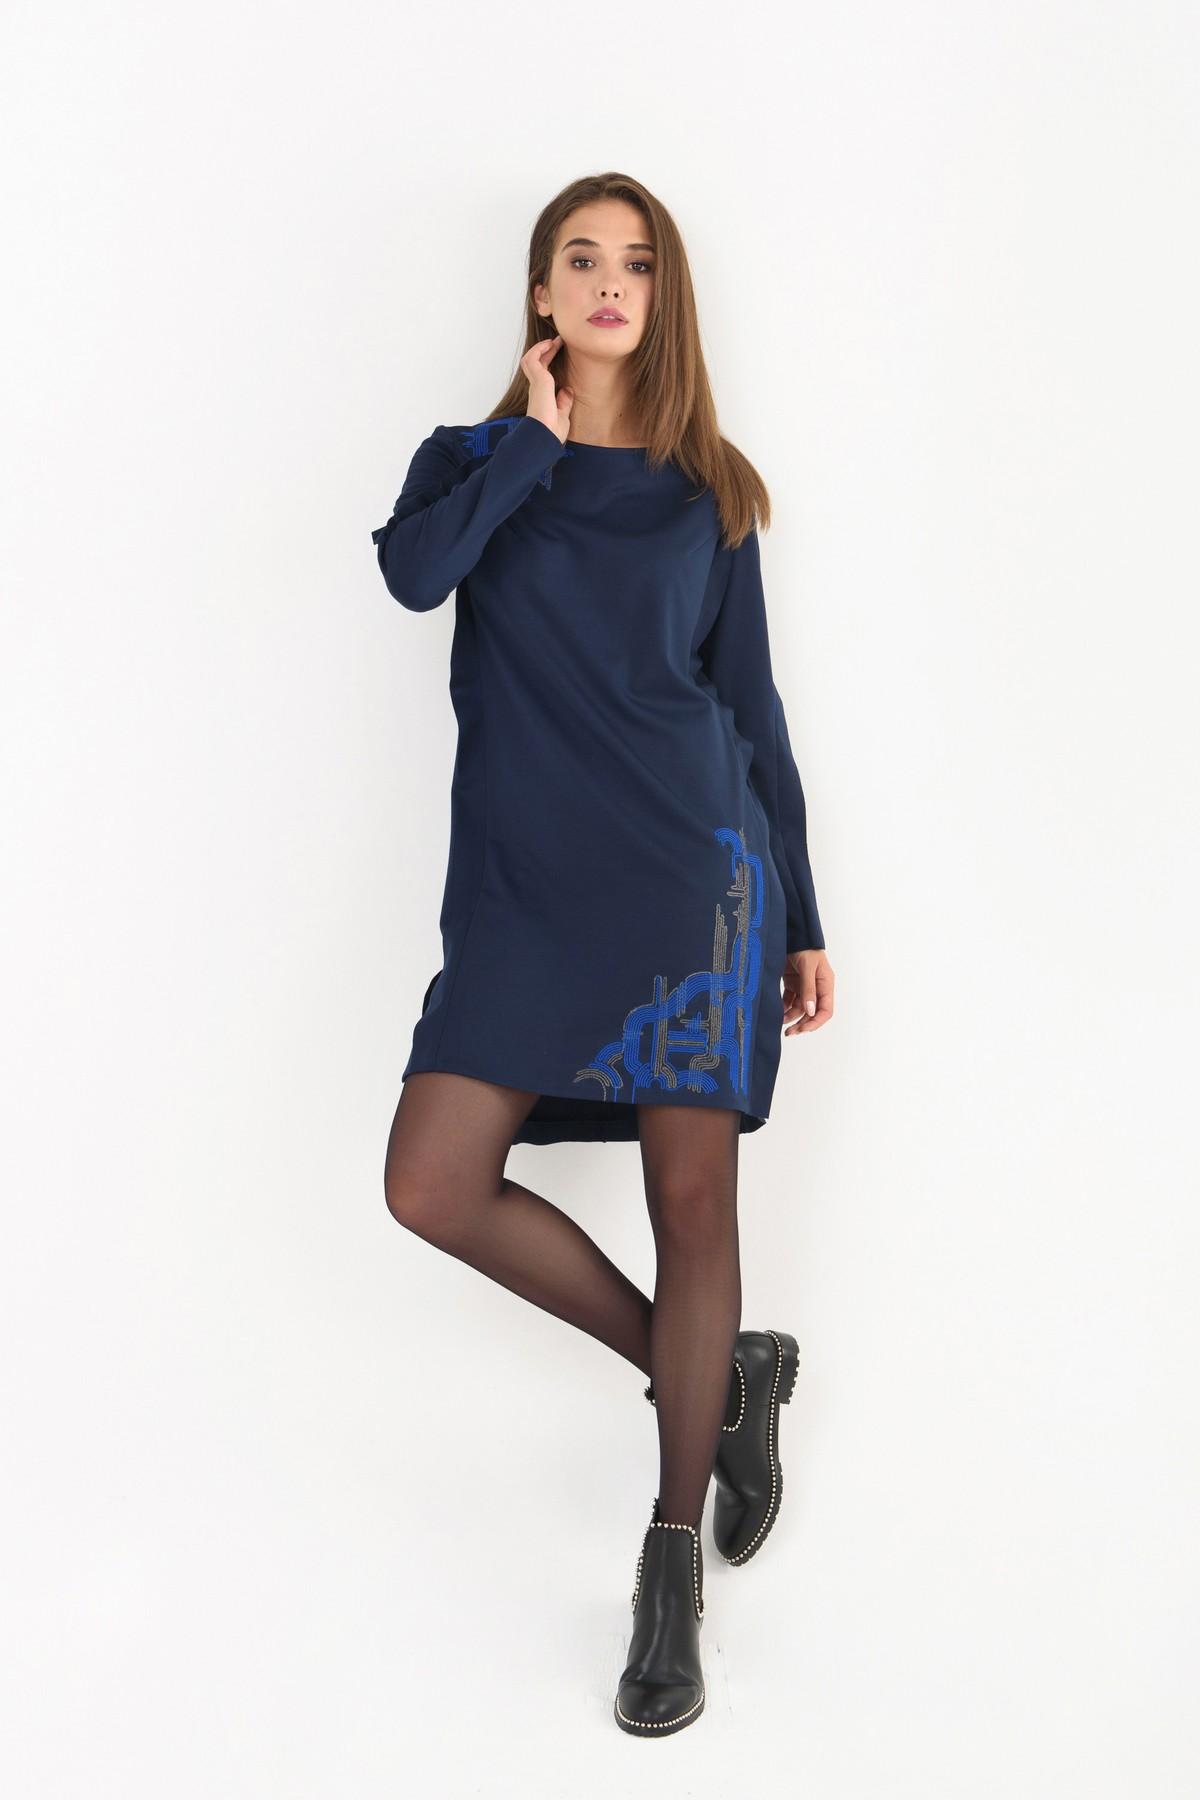 362532d9c964 Купить Осеннее платье прямого силуэта в интернет-магазине RicaMare ...